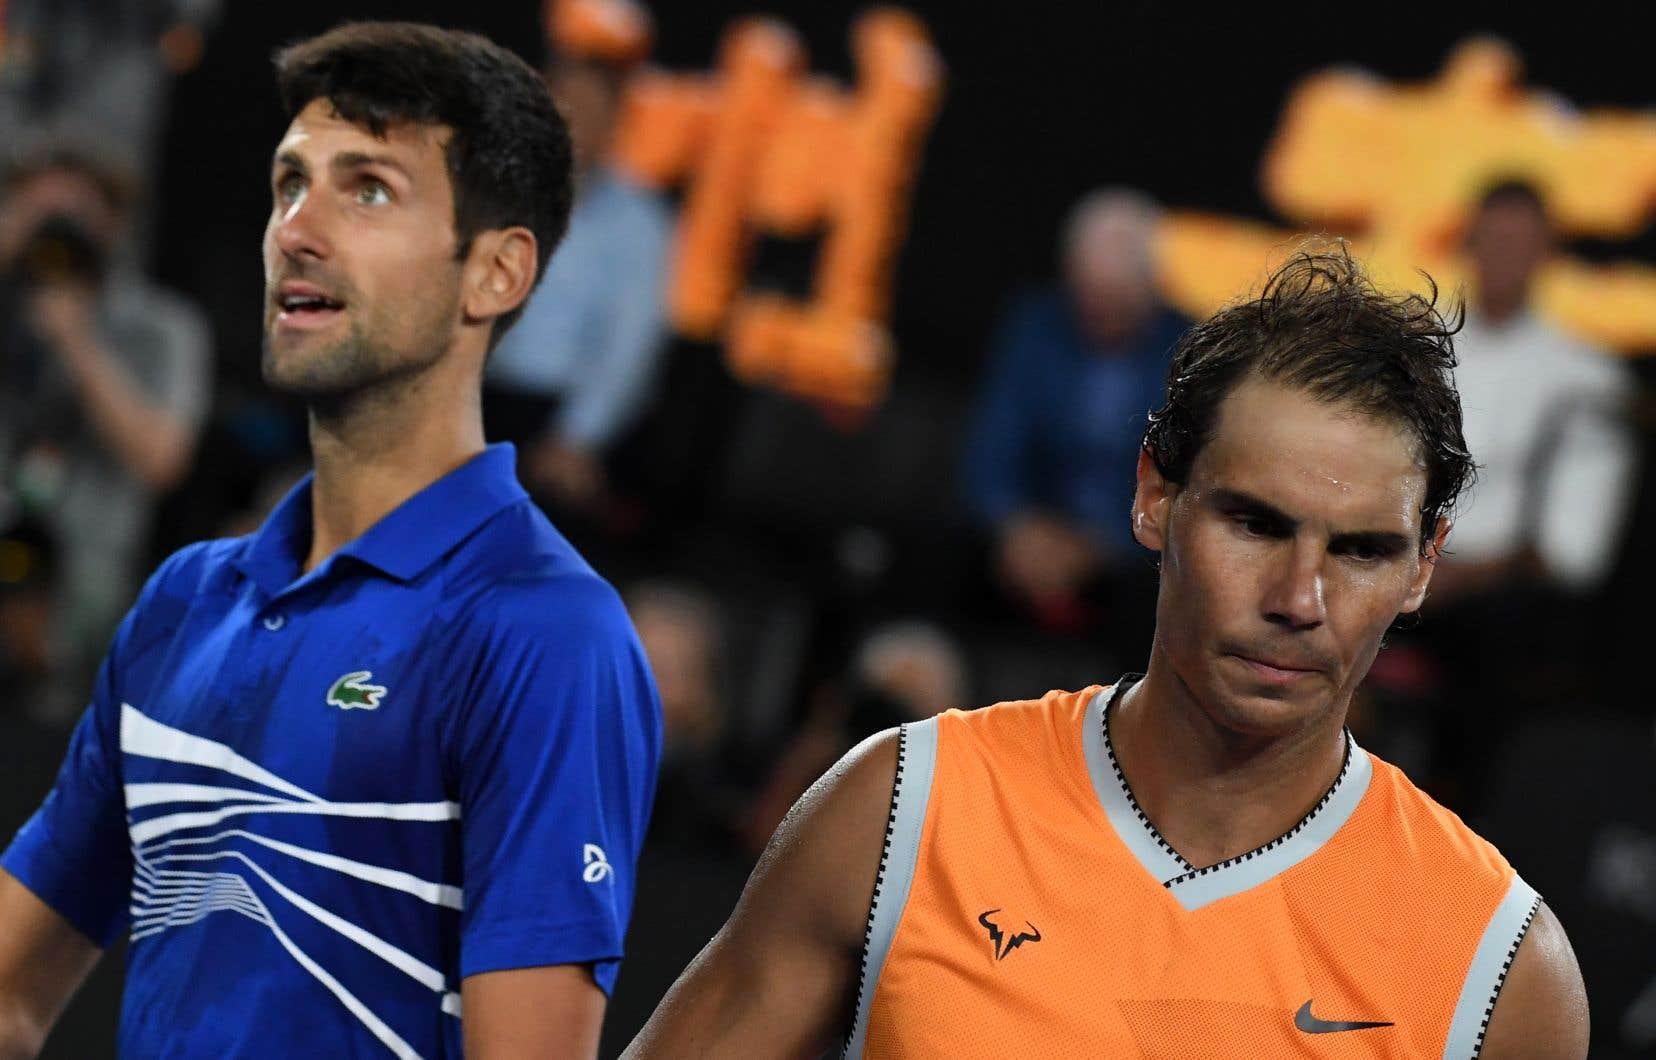 Des étapes importantes sont à venir pour des vedettes telles que Nadal, Novak Djokovic et Serena Williams en 2021.